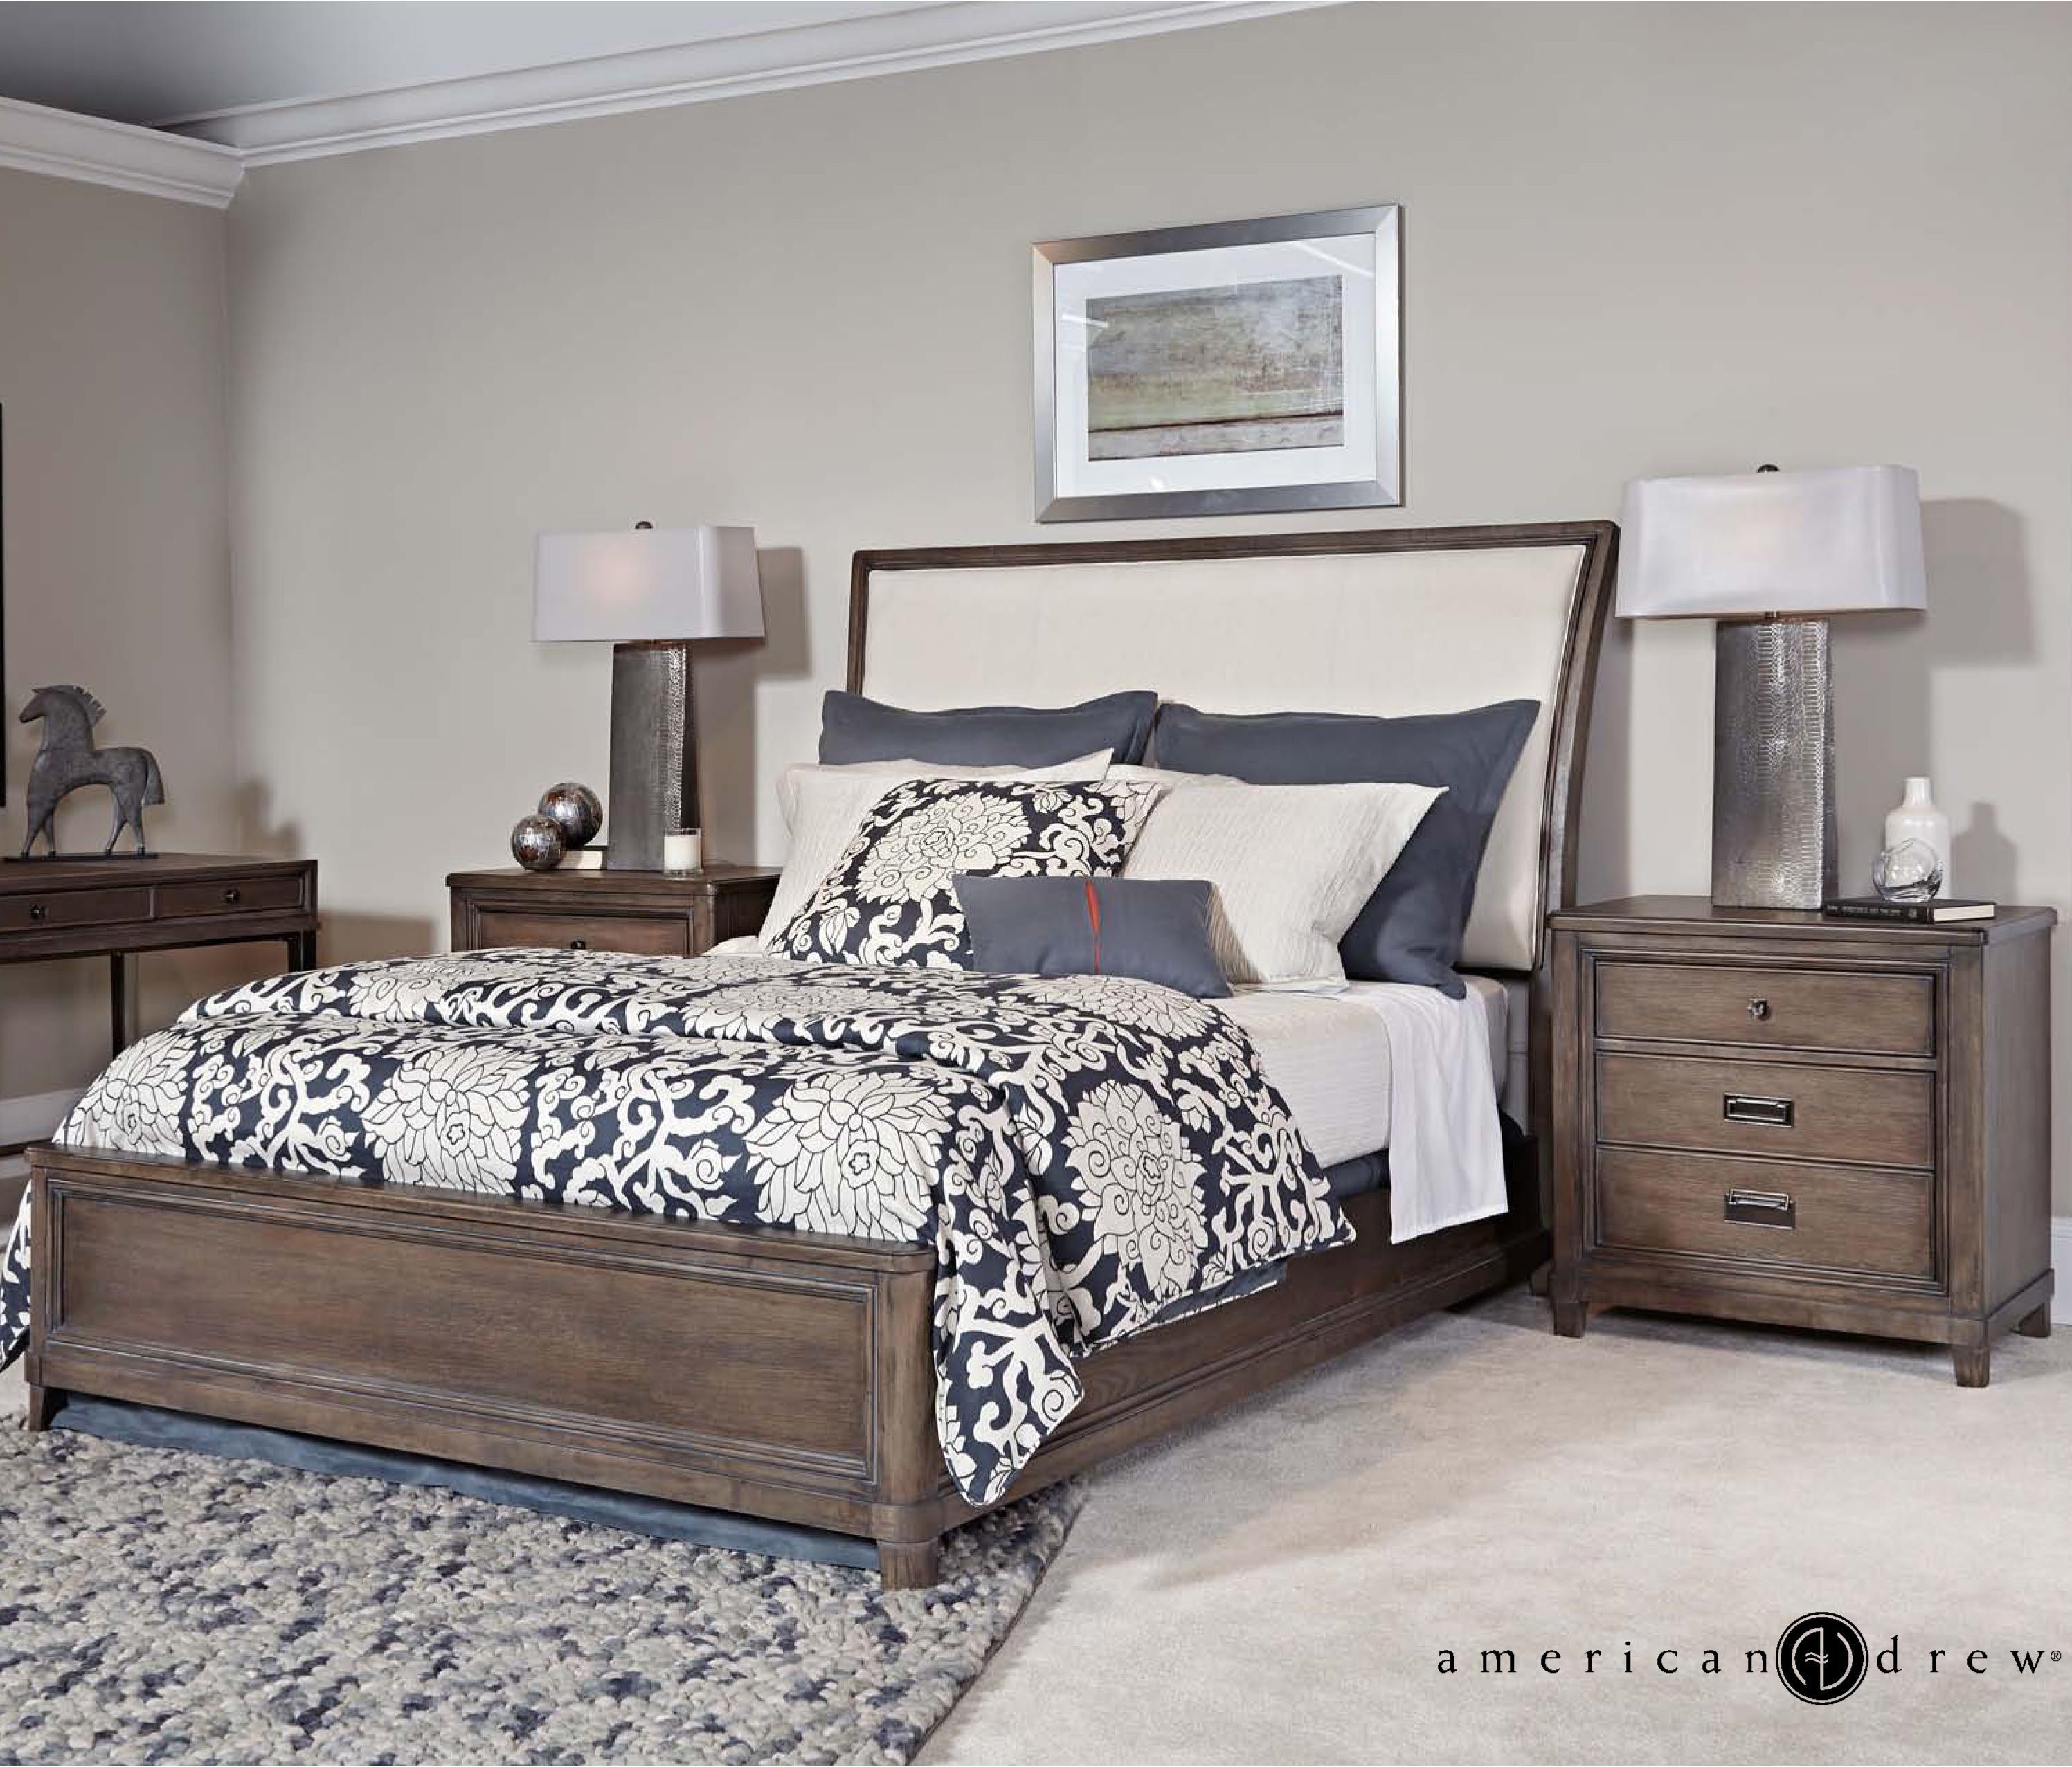 American Drew Park Studio King Bedroom Group - Item Number: 488 K Bedroom Group 1